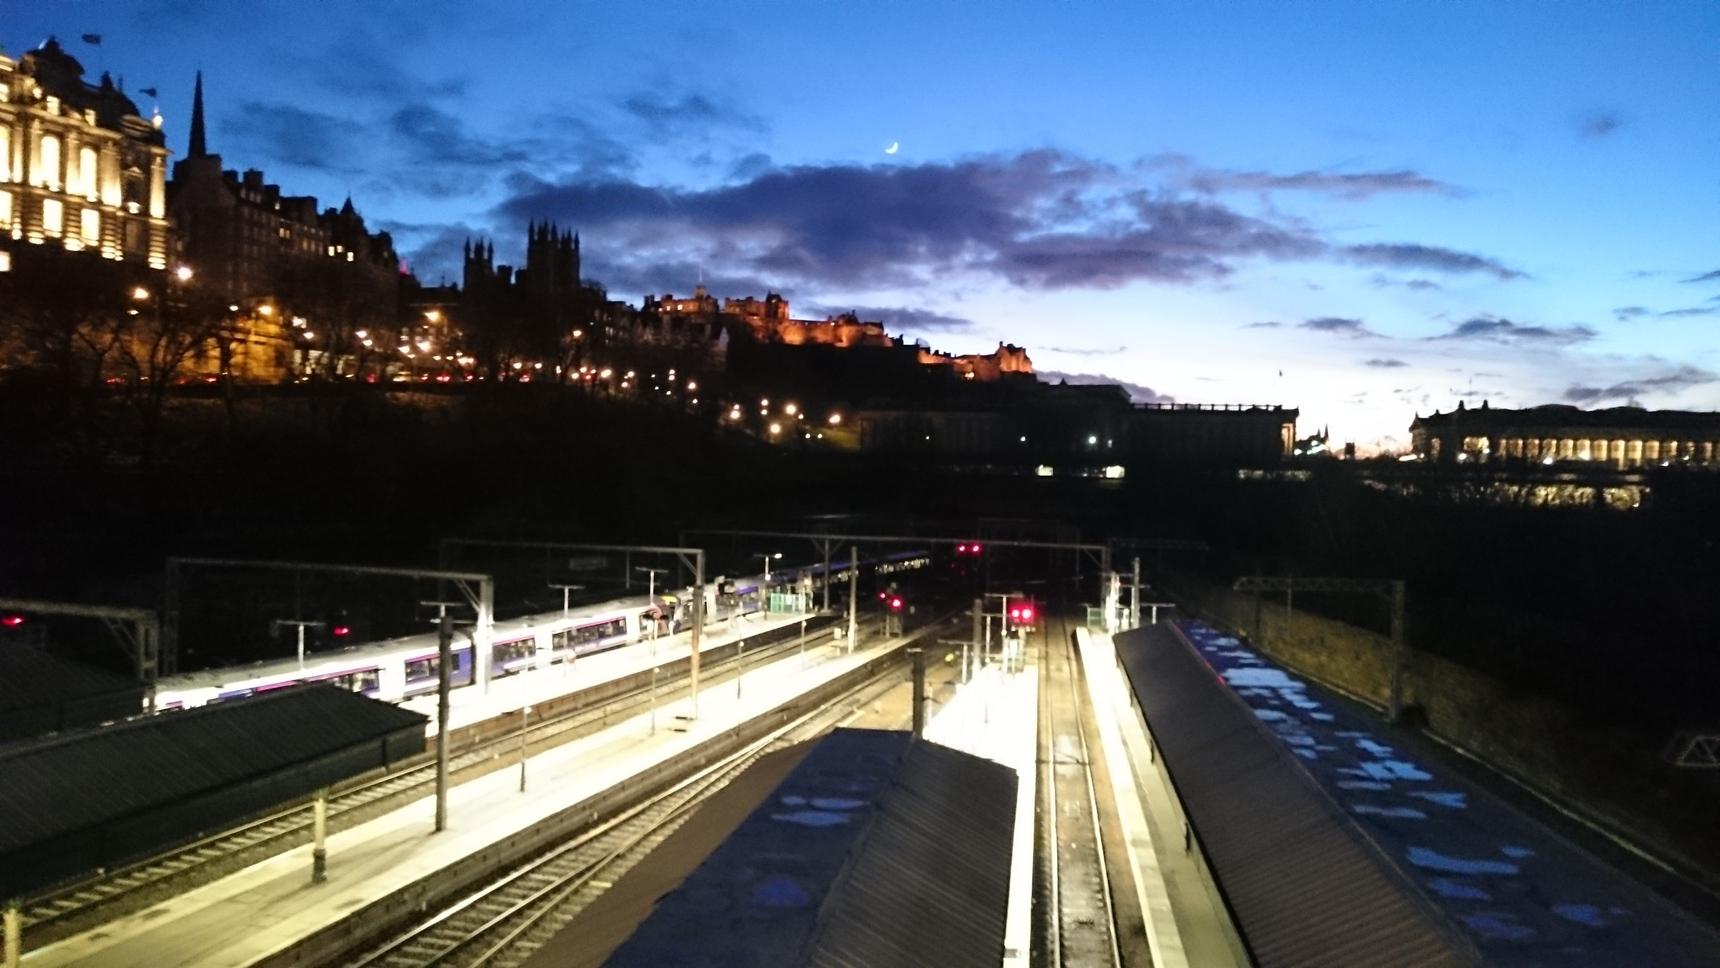 Edinburgh Castle - dusk